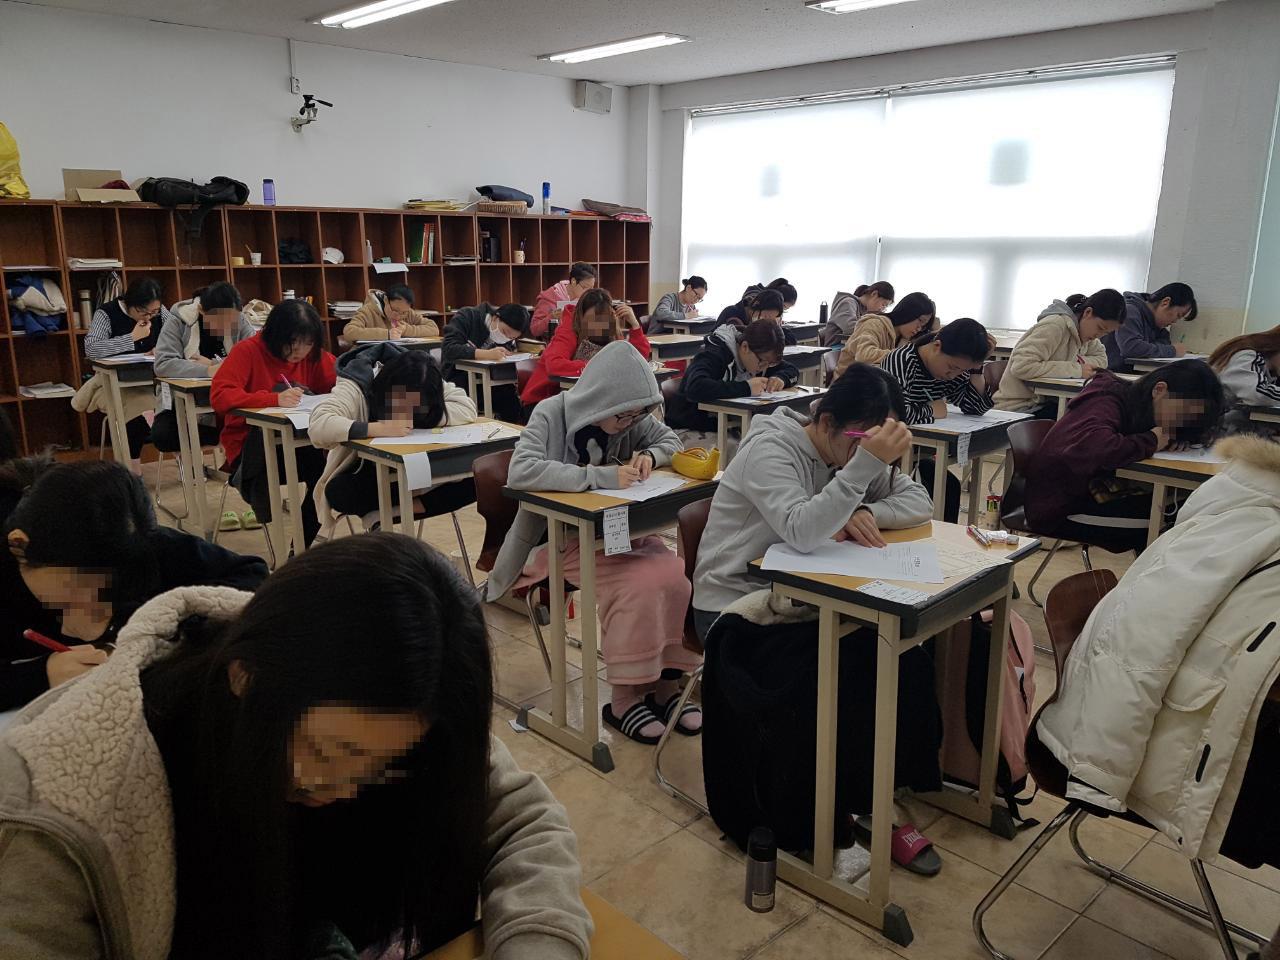 2017년 10월 서울특별시교육청 모의고사 에듀셀파 독학기숙학원 여학생캠퍼스2